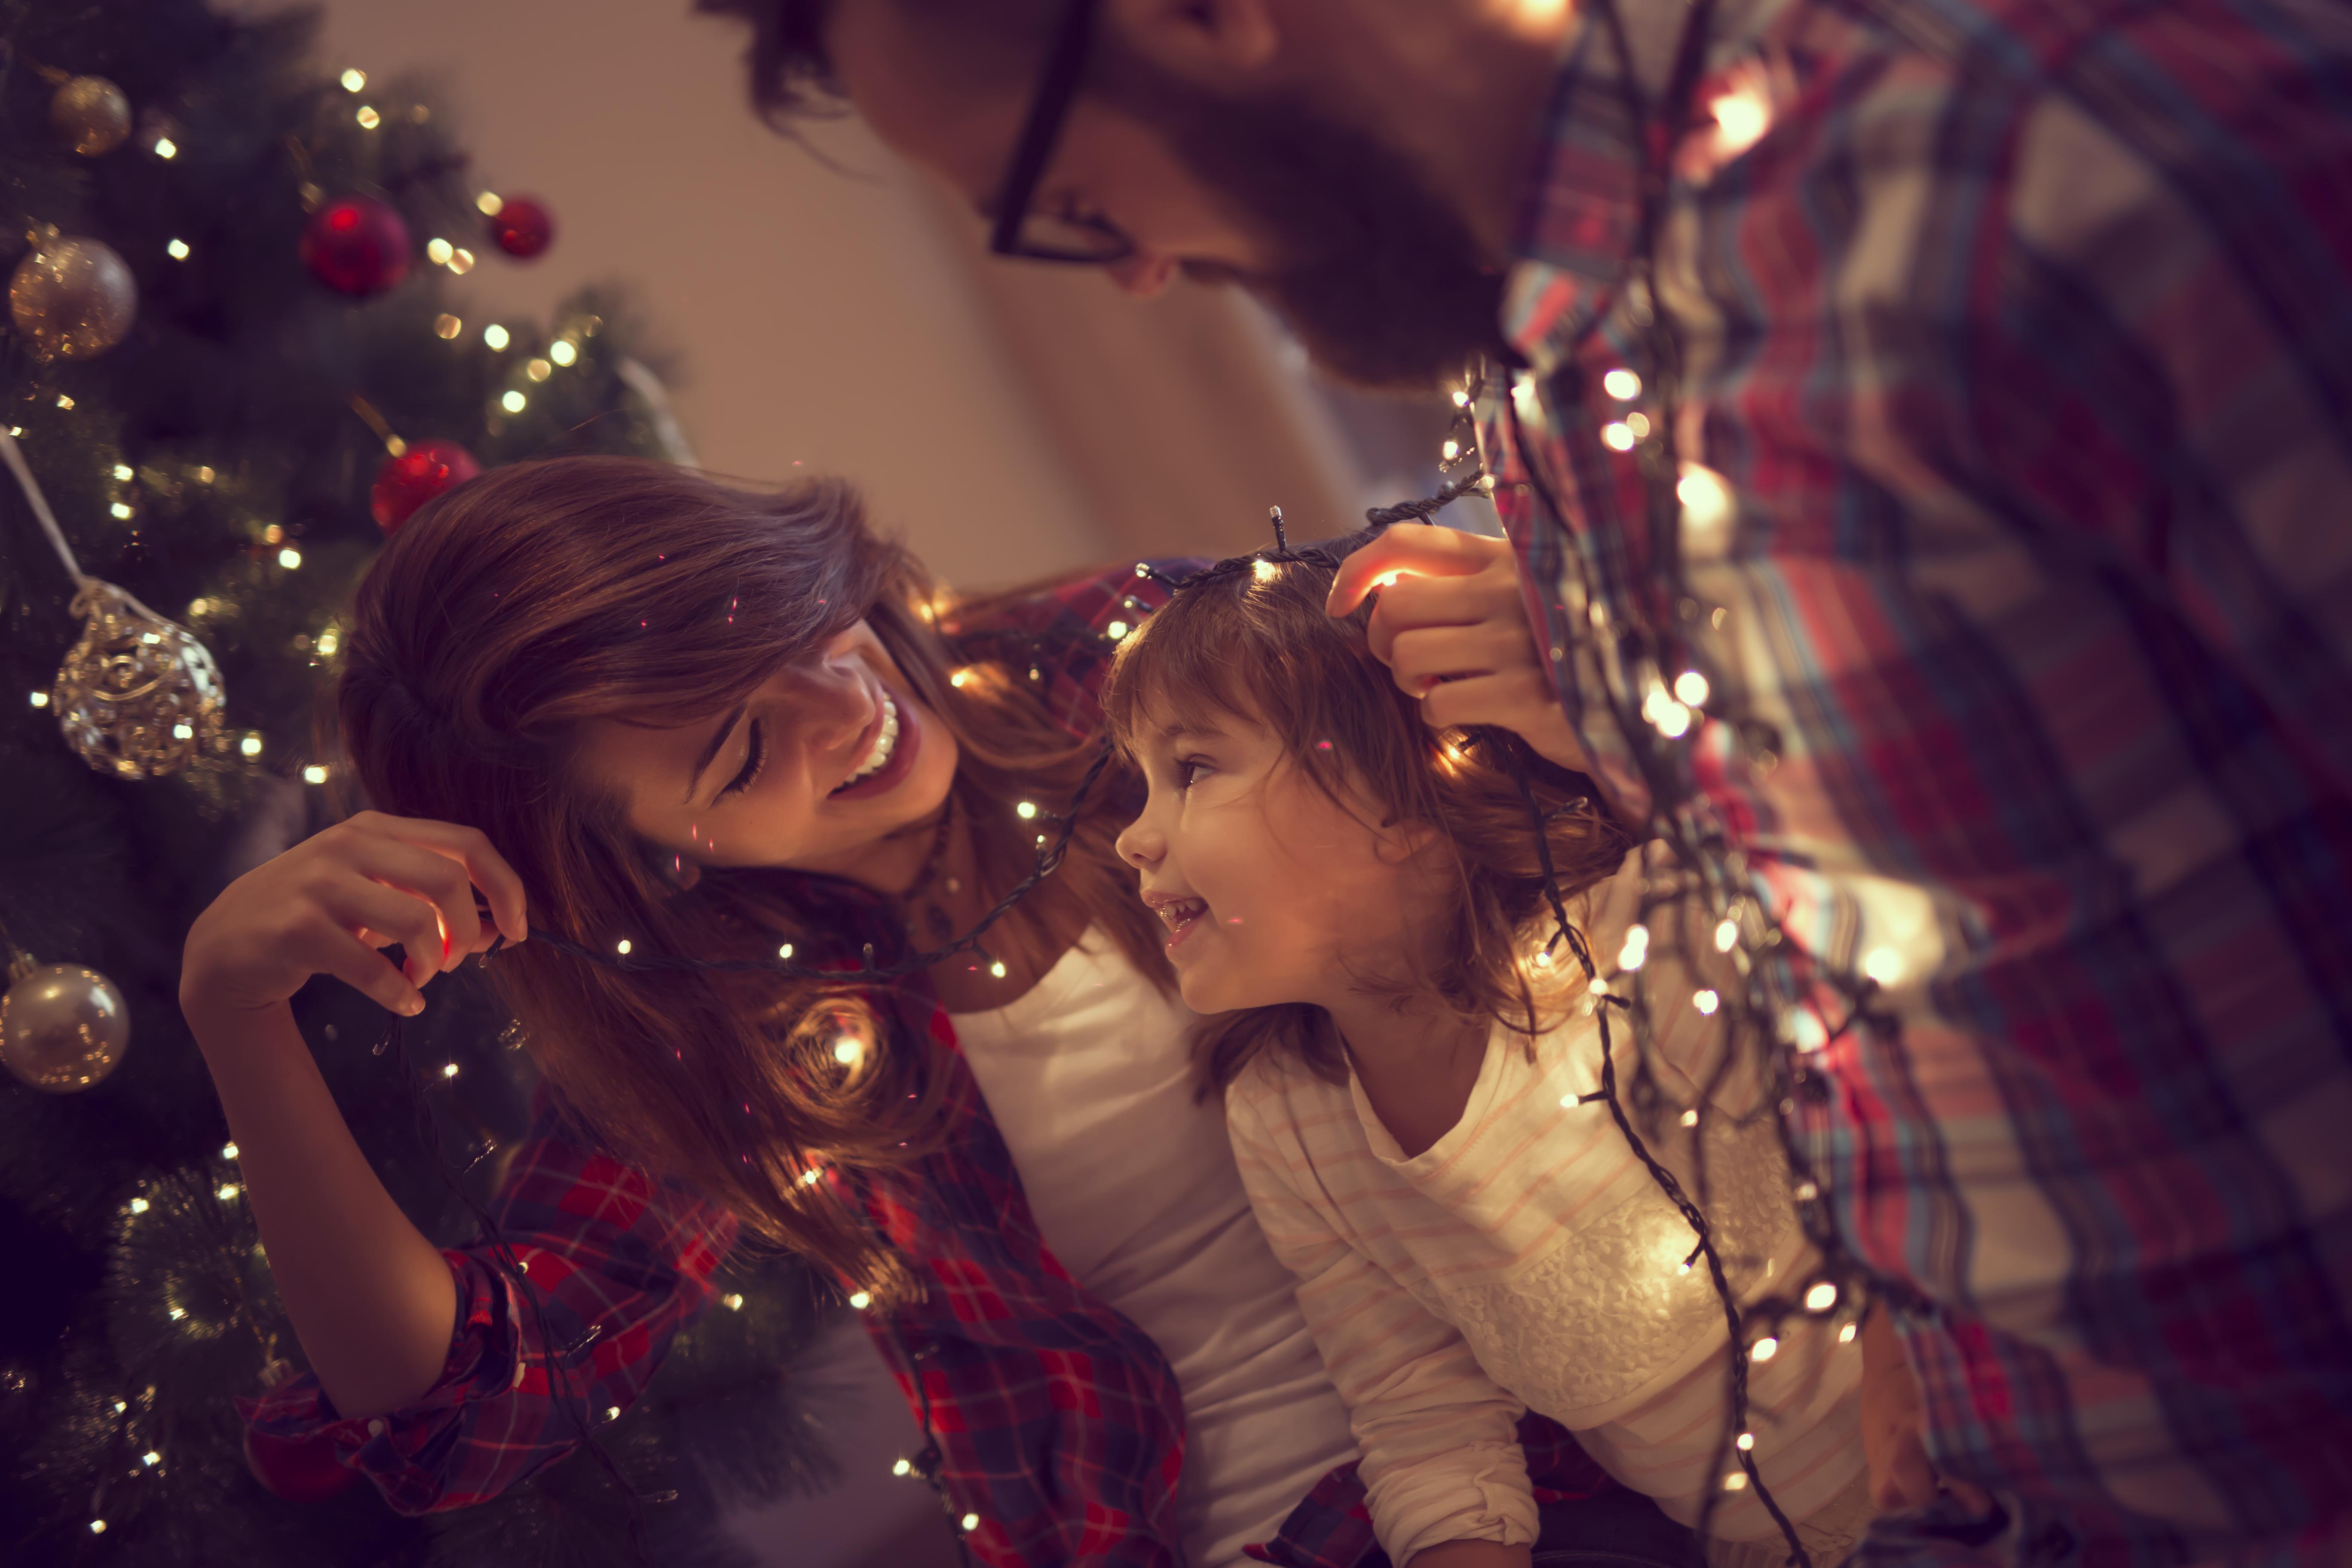 Πρέπει να αγοράσω ένα χριστουγεννιάτικο δώρο για κάποιον που μόλις ξεκίνησα να βγαίνω